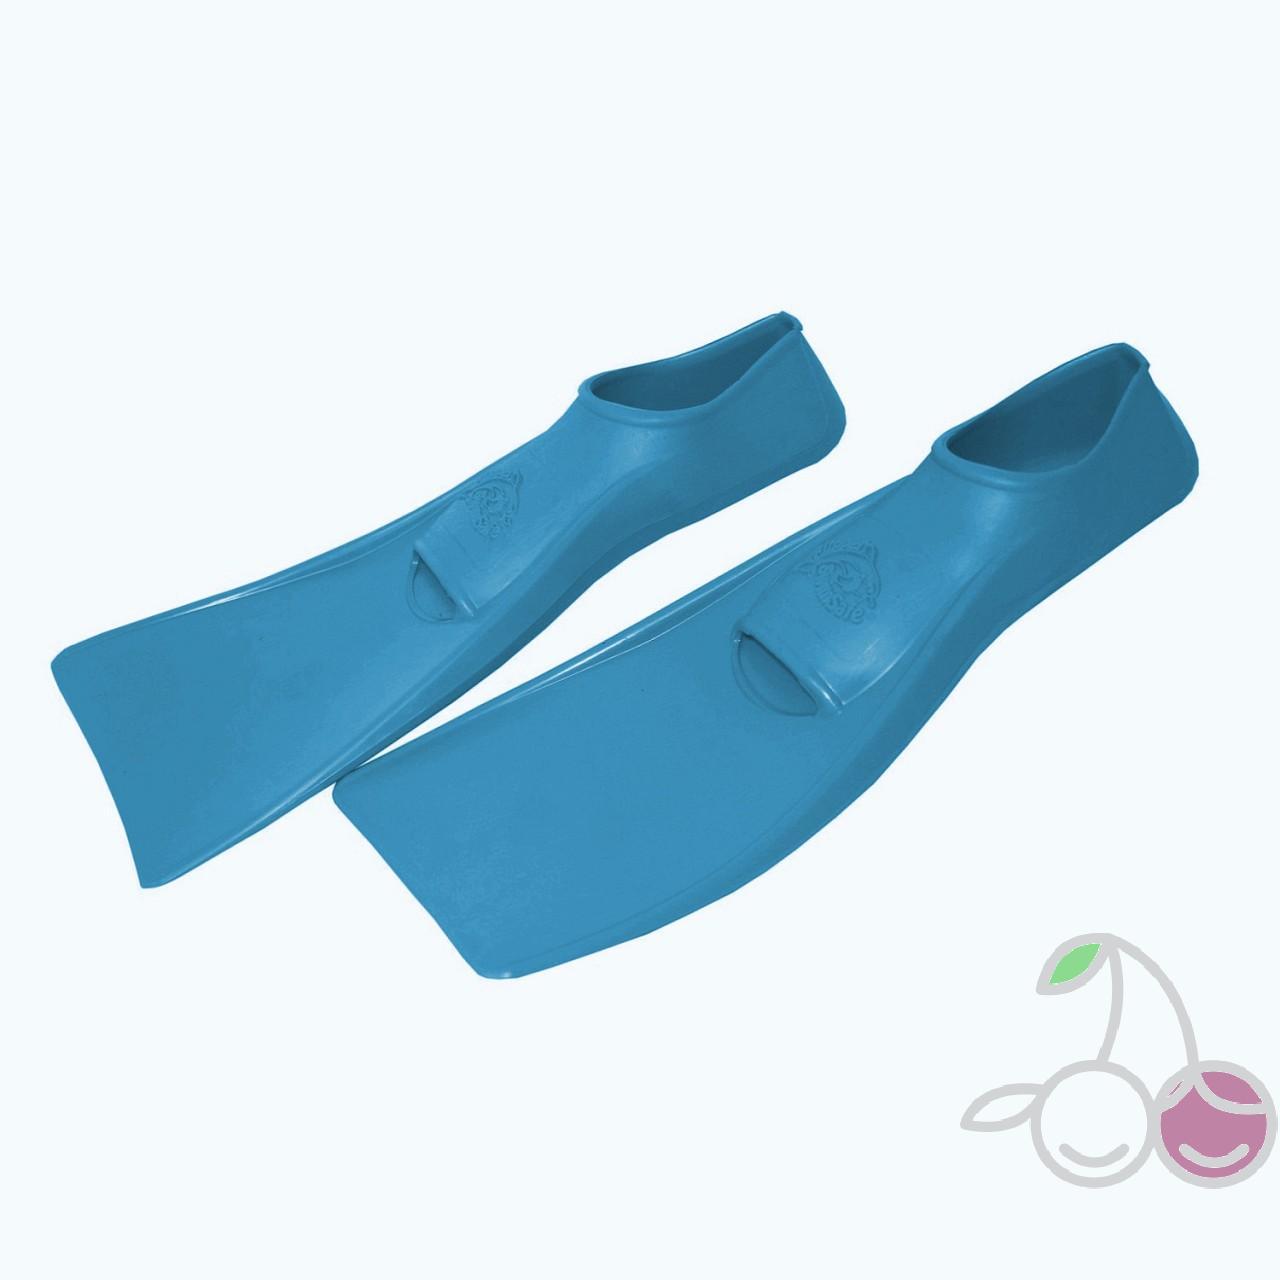 Ласты для бассейна резиновые детские размеры 24-26 синие СВИМСЕЙФ (SwimSafe) Германия, - фото 2